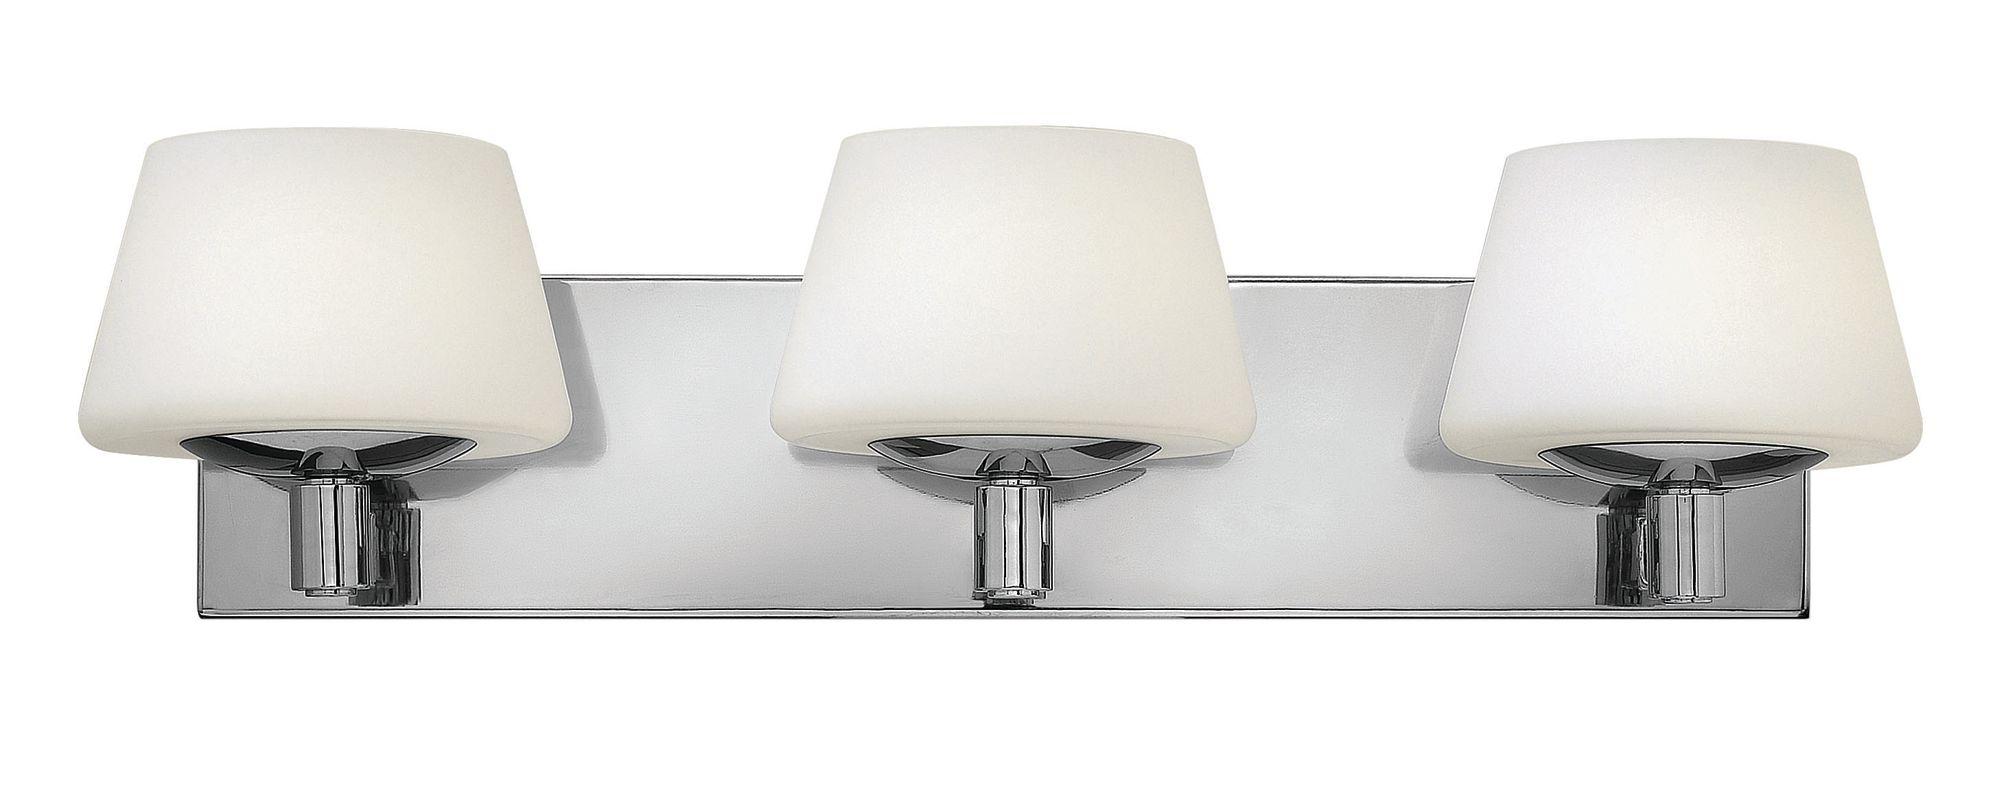 Hinkley Lighting 55753 3 Light Bathroom Vanity Light from the Bianca